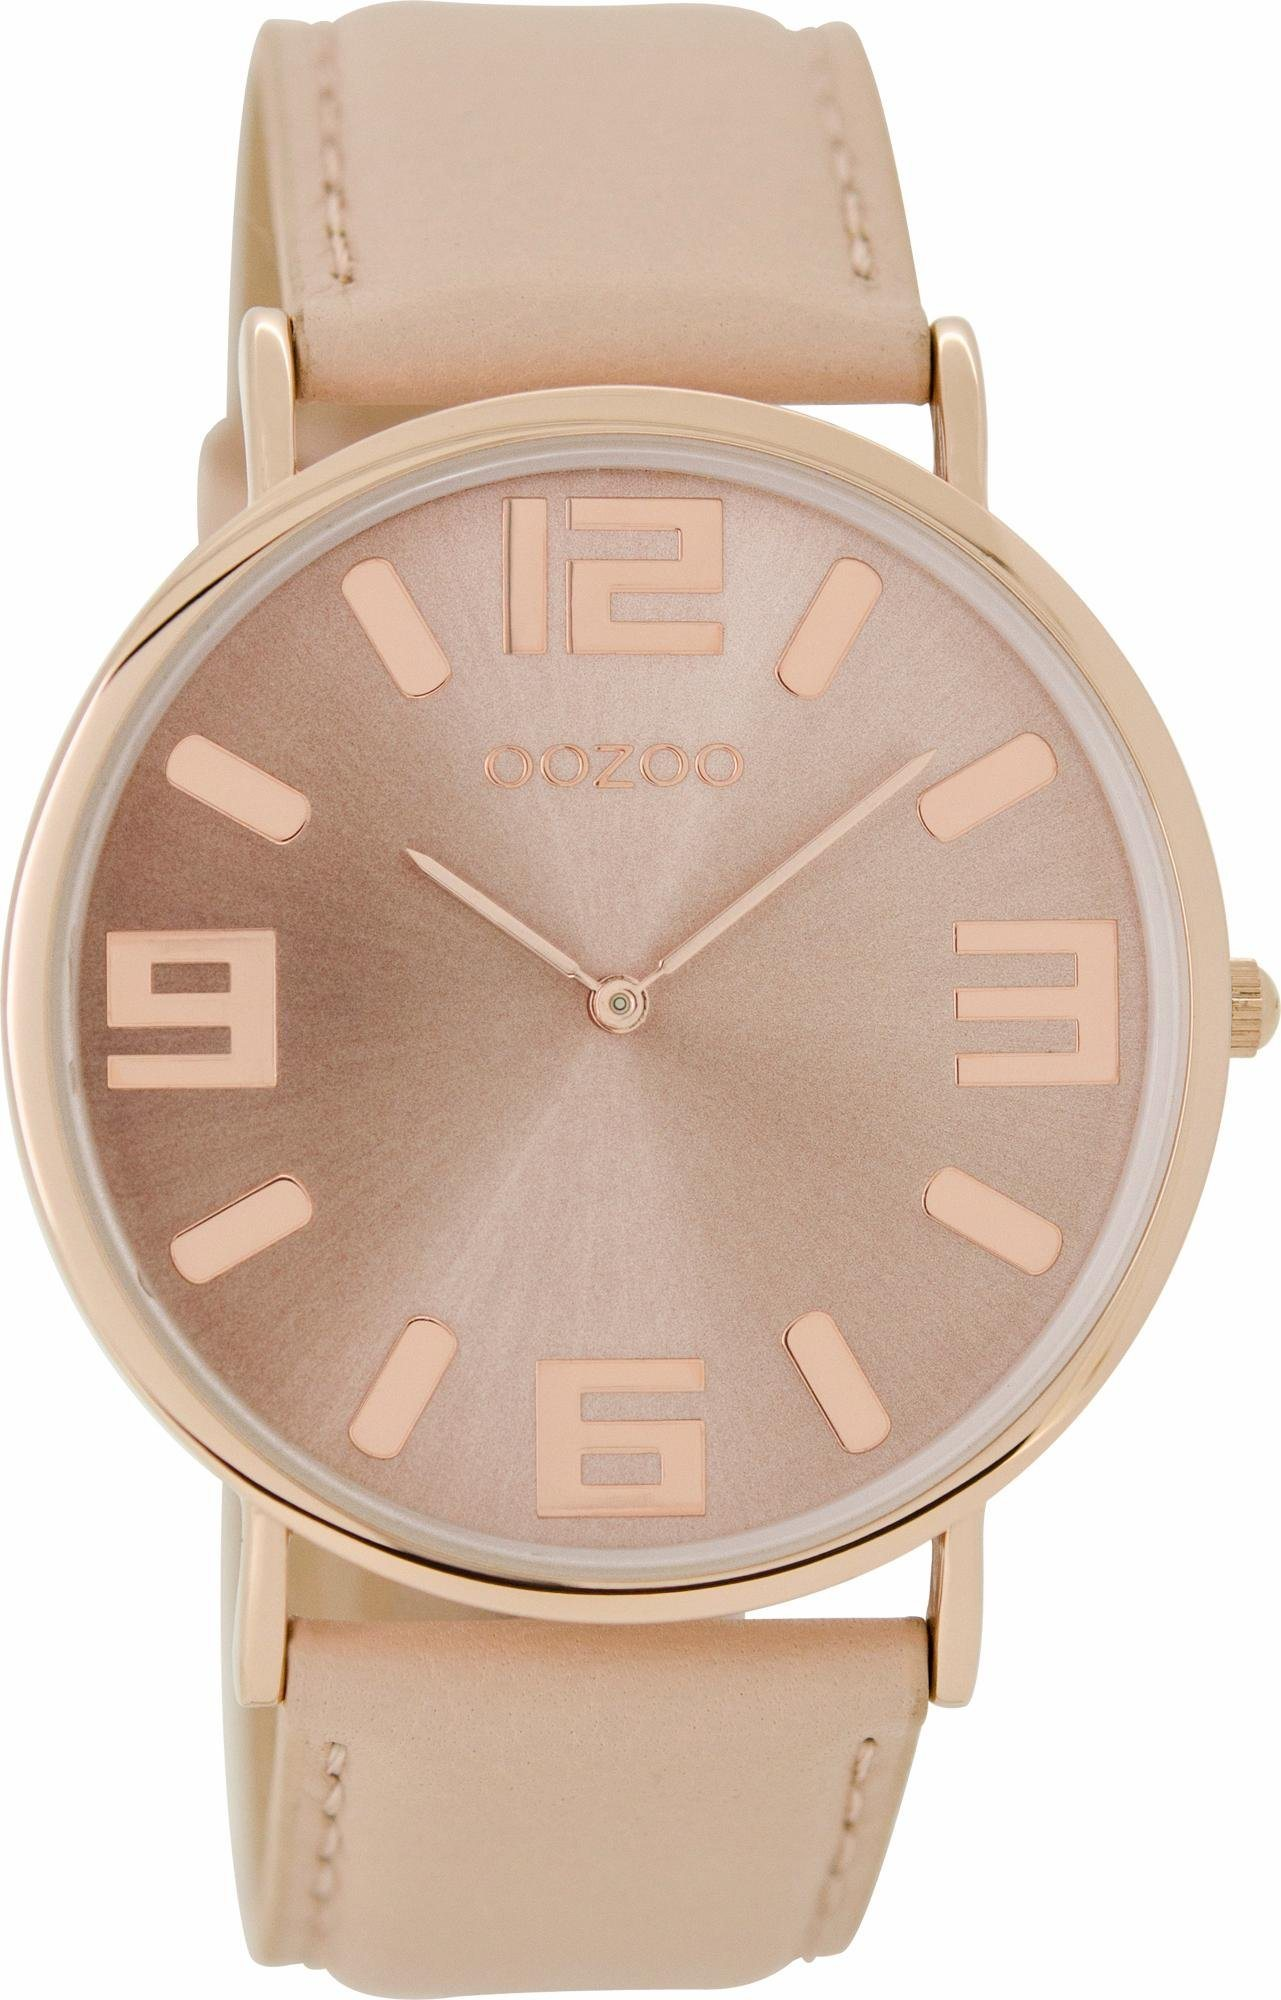 OOZOO Quarzuhr »C8846«   Uhren > Quarzuhren   Rosa   OOZOO